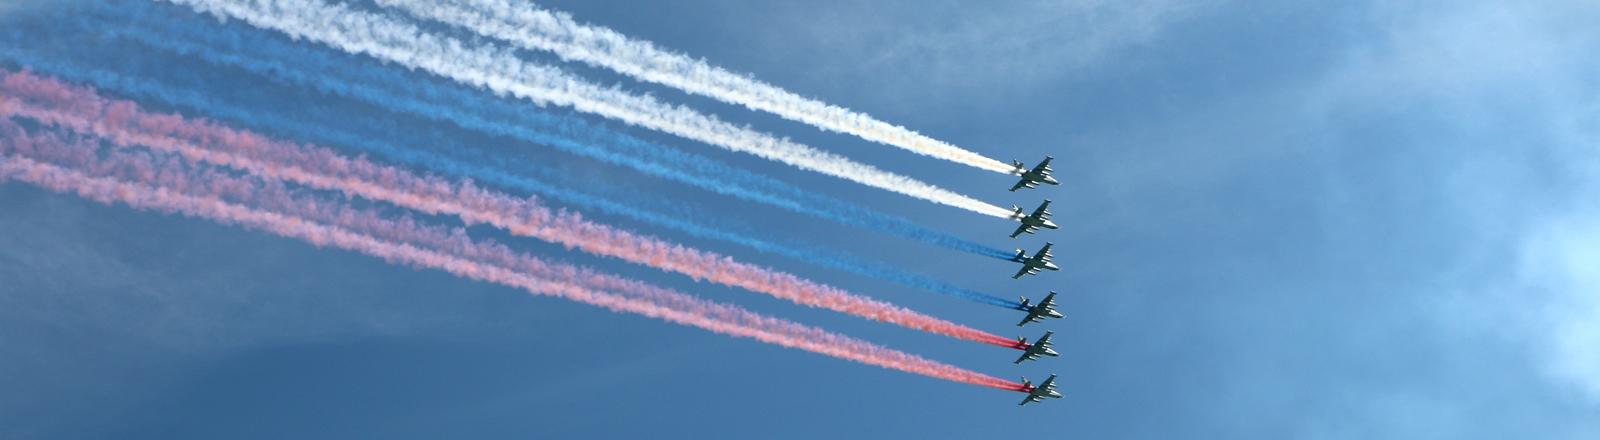 Sechs Flugzeuge in präzisem Abstand malen mit buntem Rauch die russische Flagge in die Luft